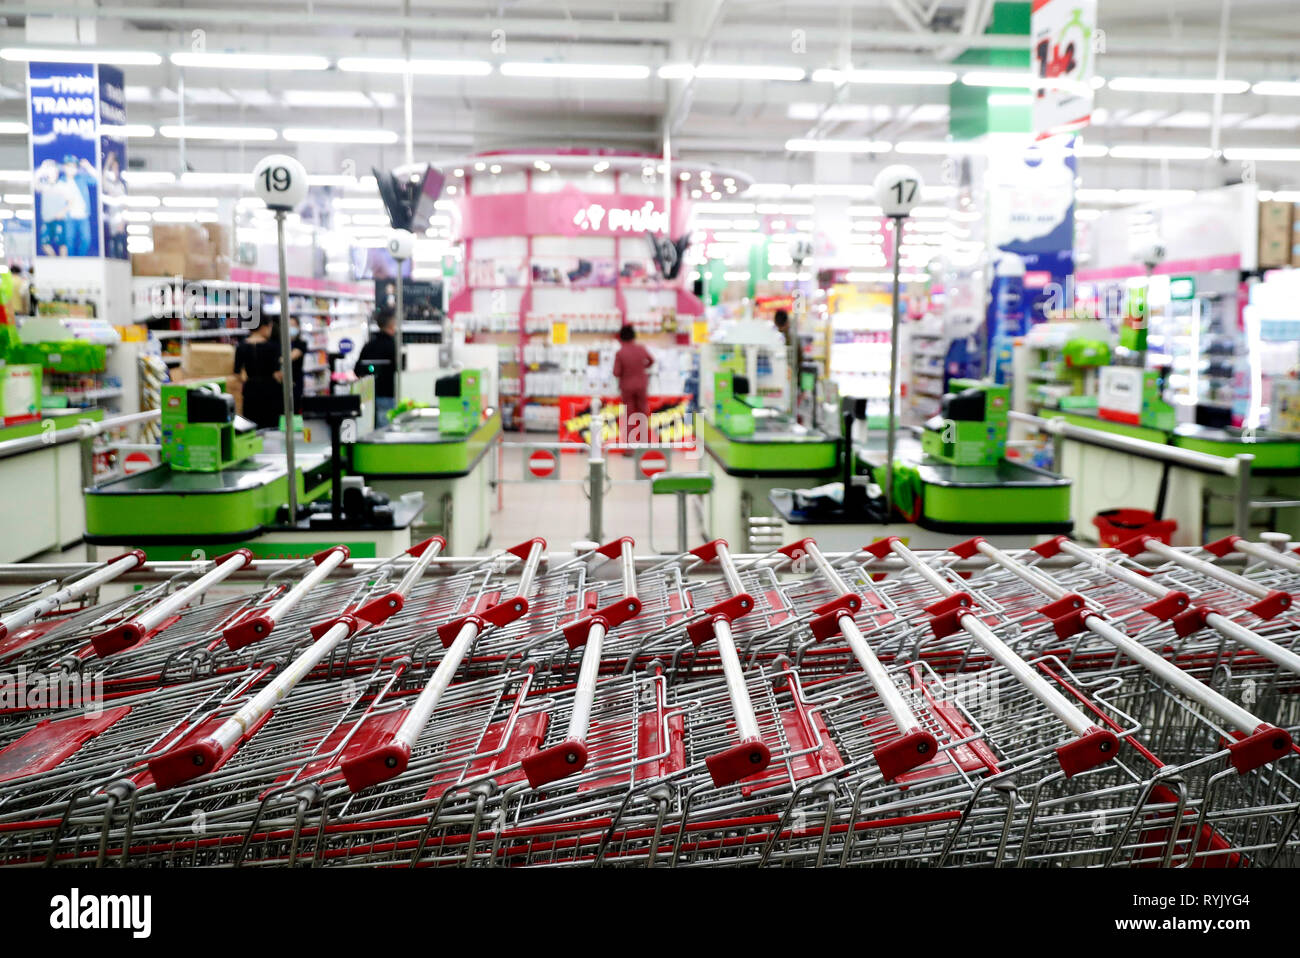 Carts at supermaket.  Dalat. Vietnam. - Stock Image